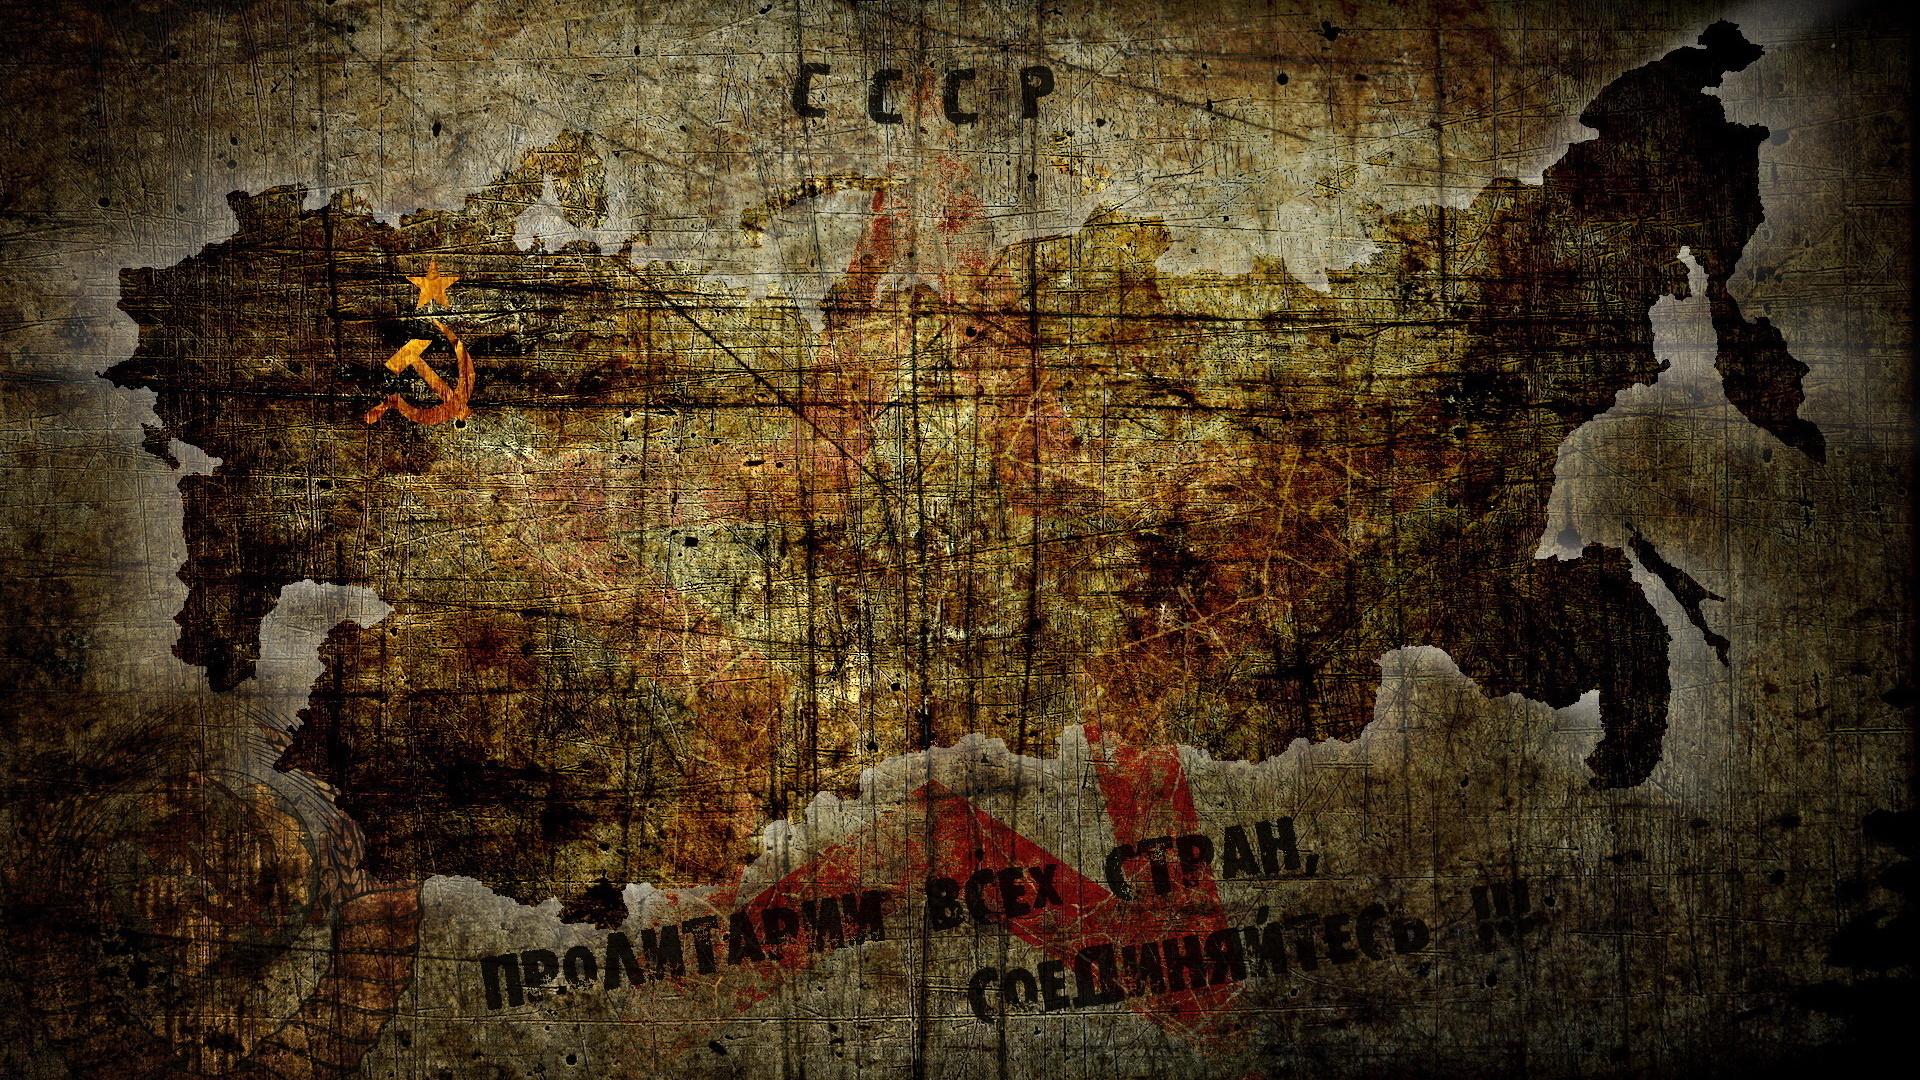 обои советский союз, ссср, серп и молот, карта картинки фото